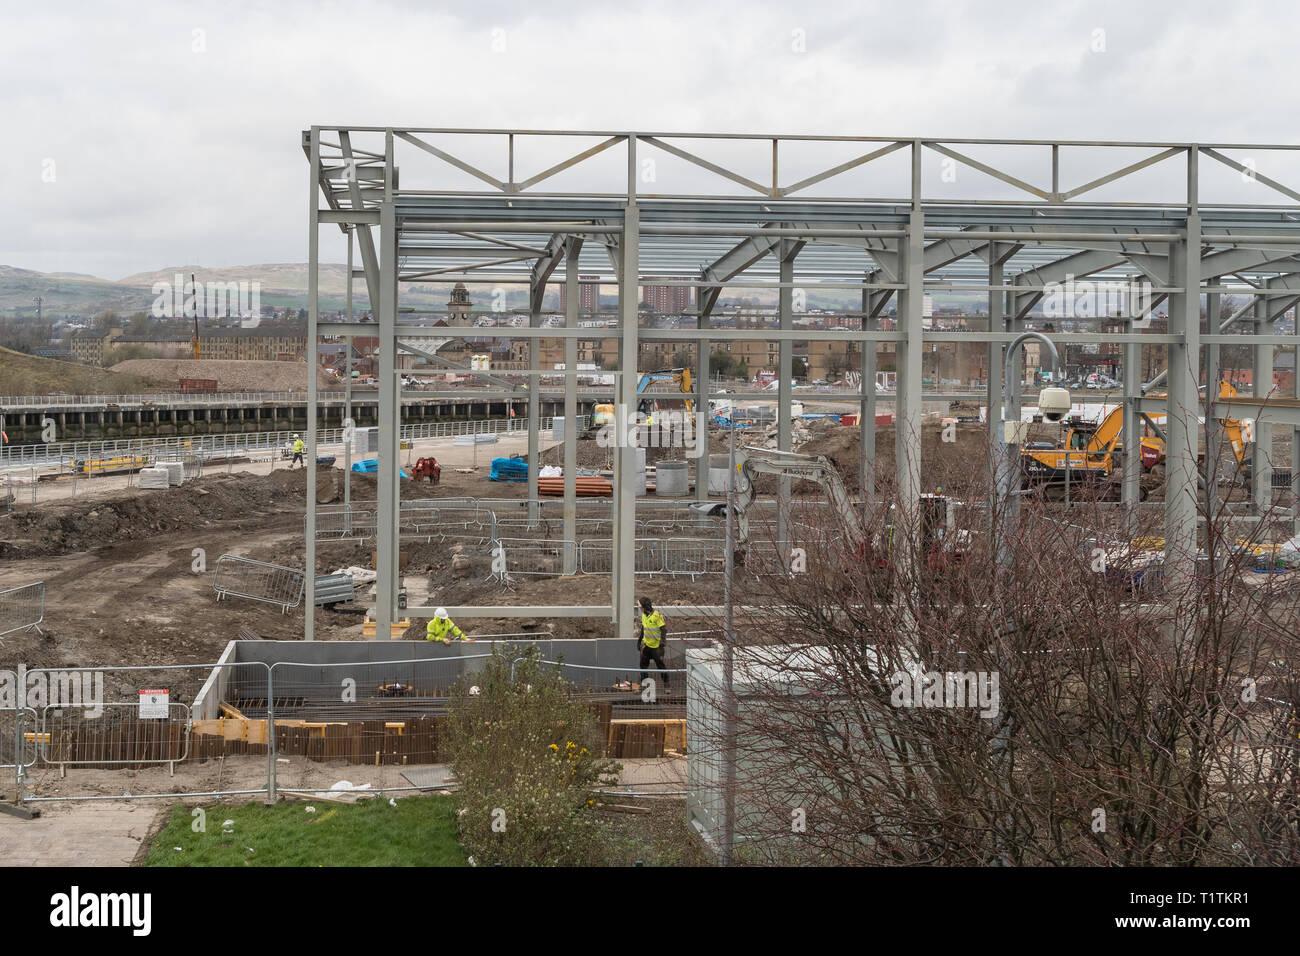 Clydebank energy per la costruzione del centro a ex John Brown's sito cantiere, Queen's Quay, Clydebank, Glasgow, Scotland, Regno Unito Foto Stock